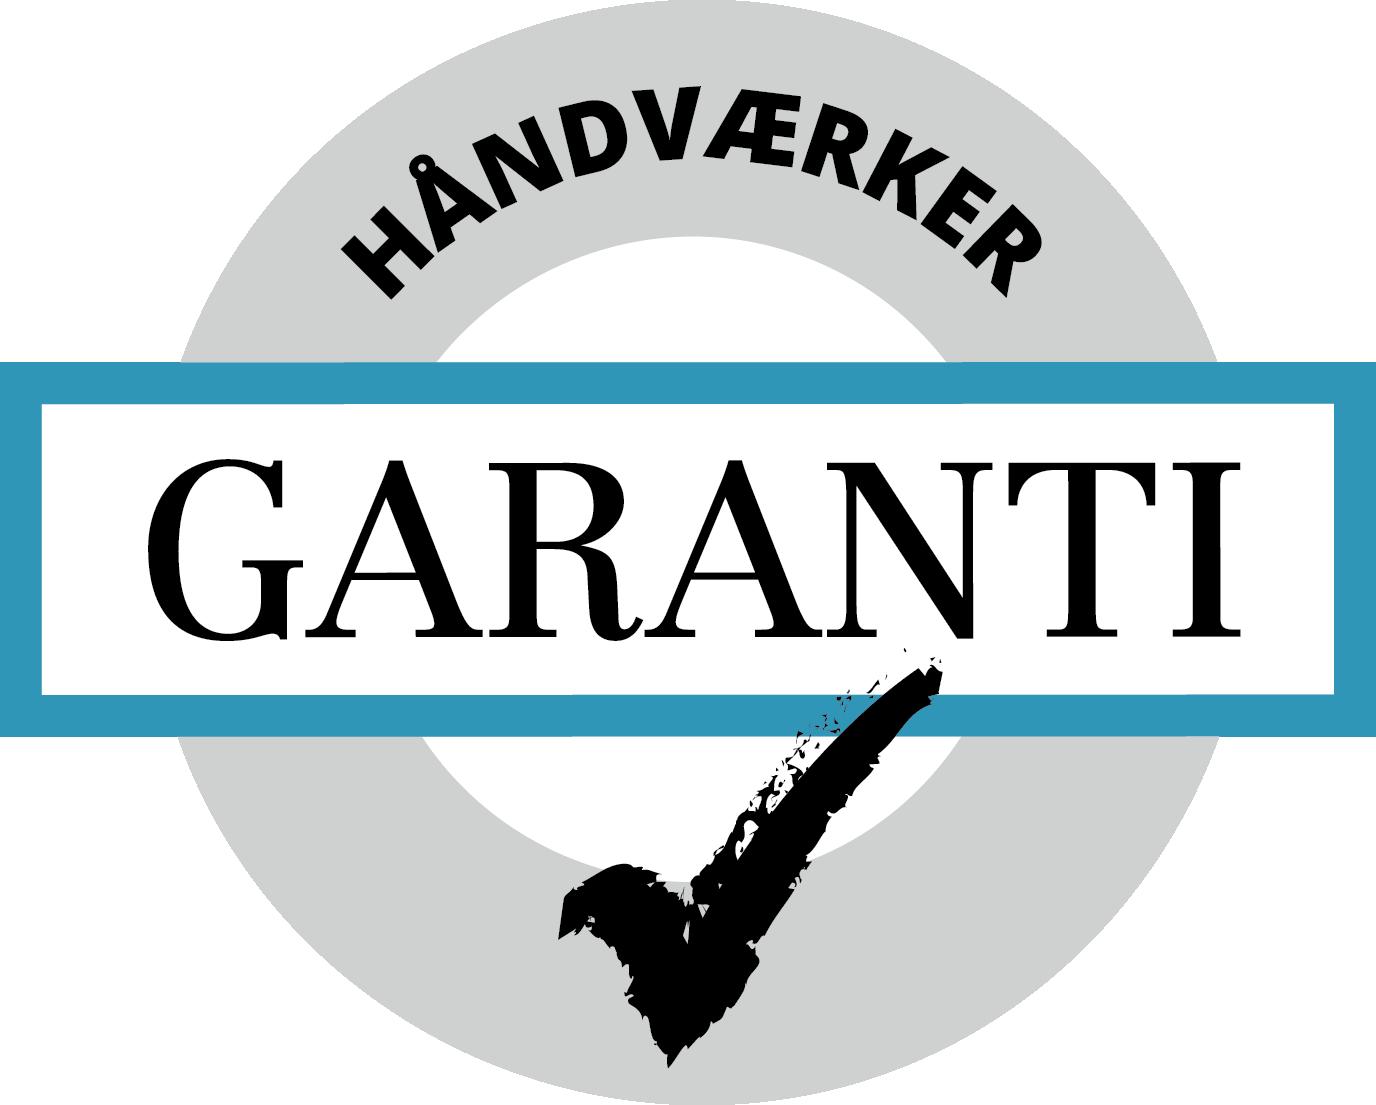 Håndværker garanti logo